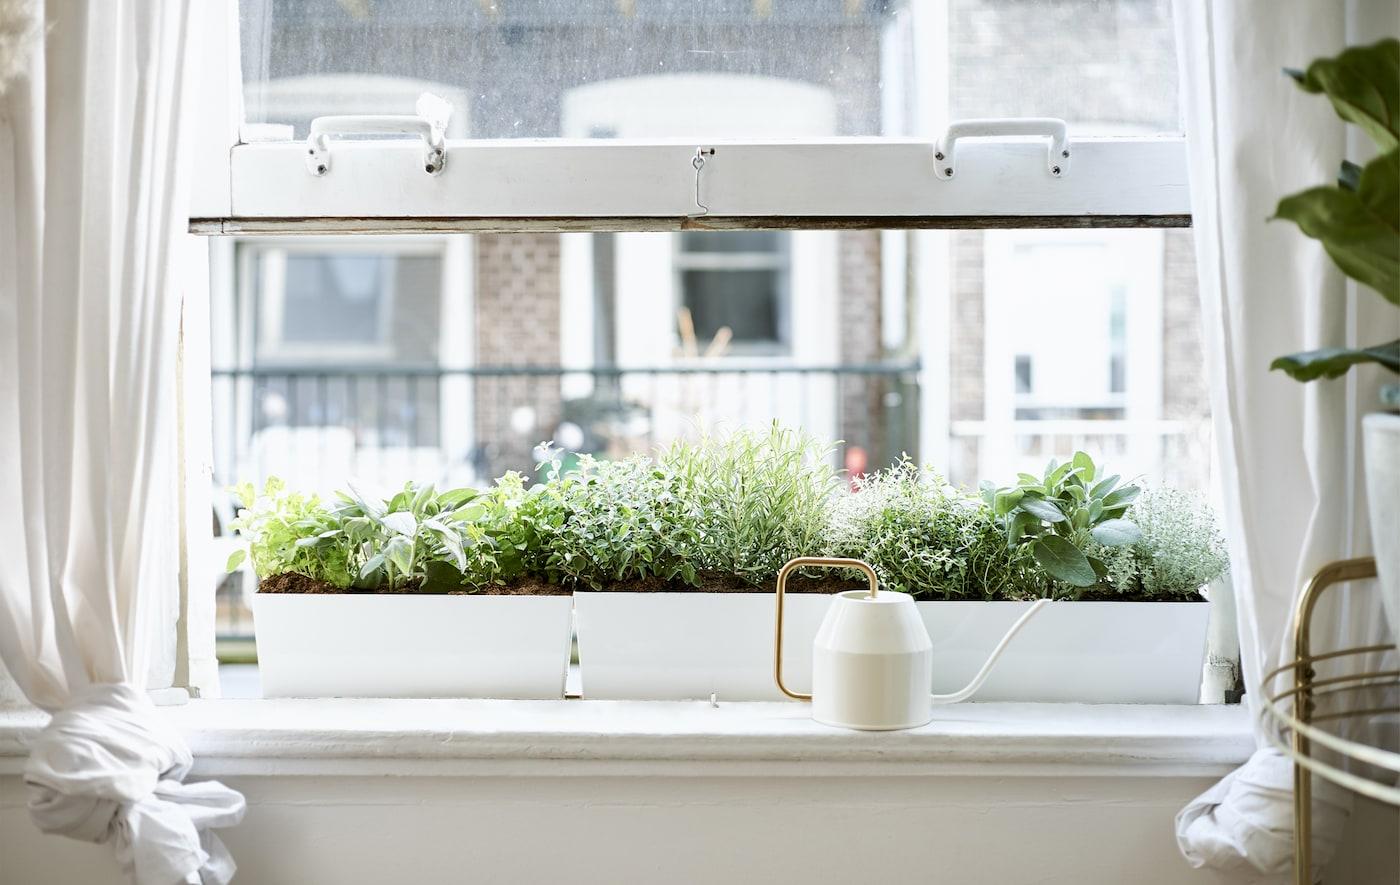 Ein offenes Fenster einer Stadtwohnung mit Pflanzkästen und Gießkanne